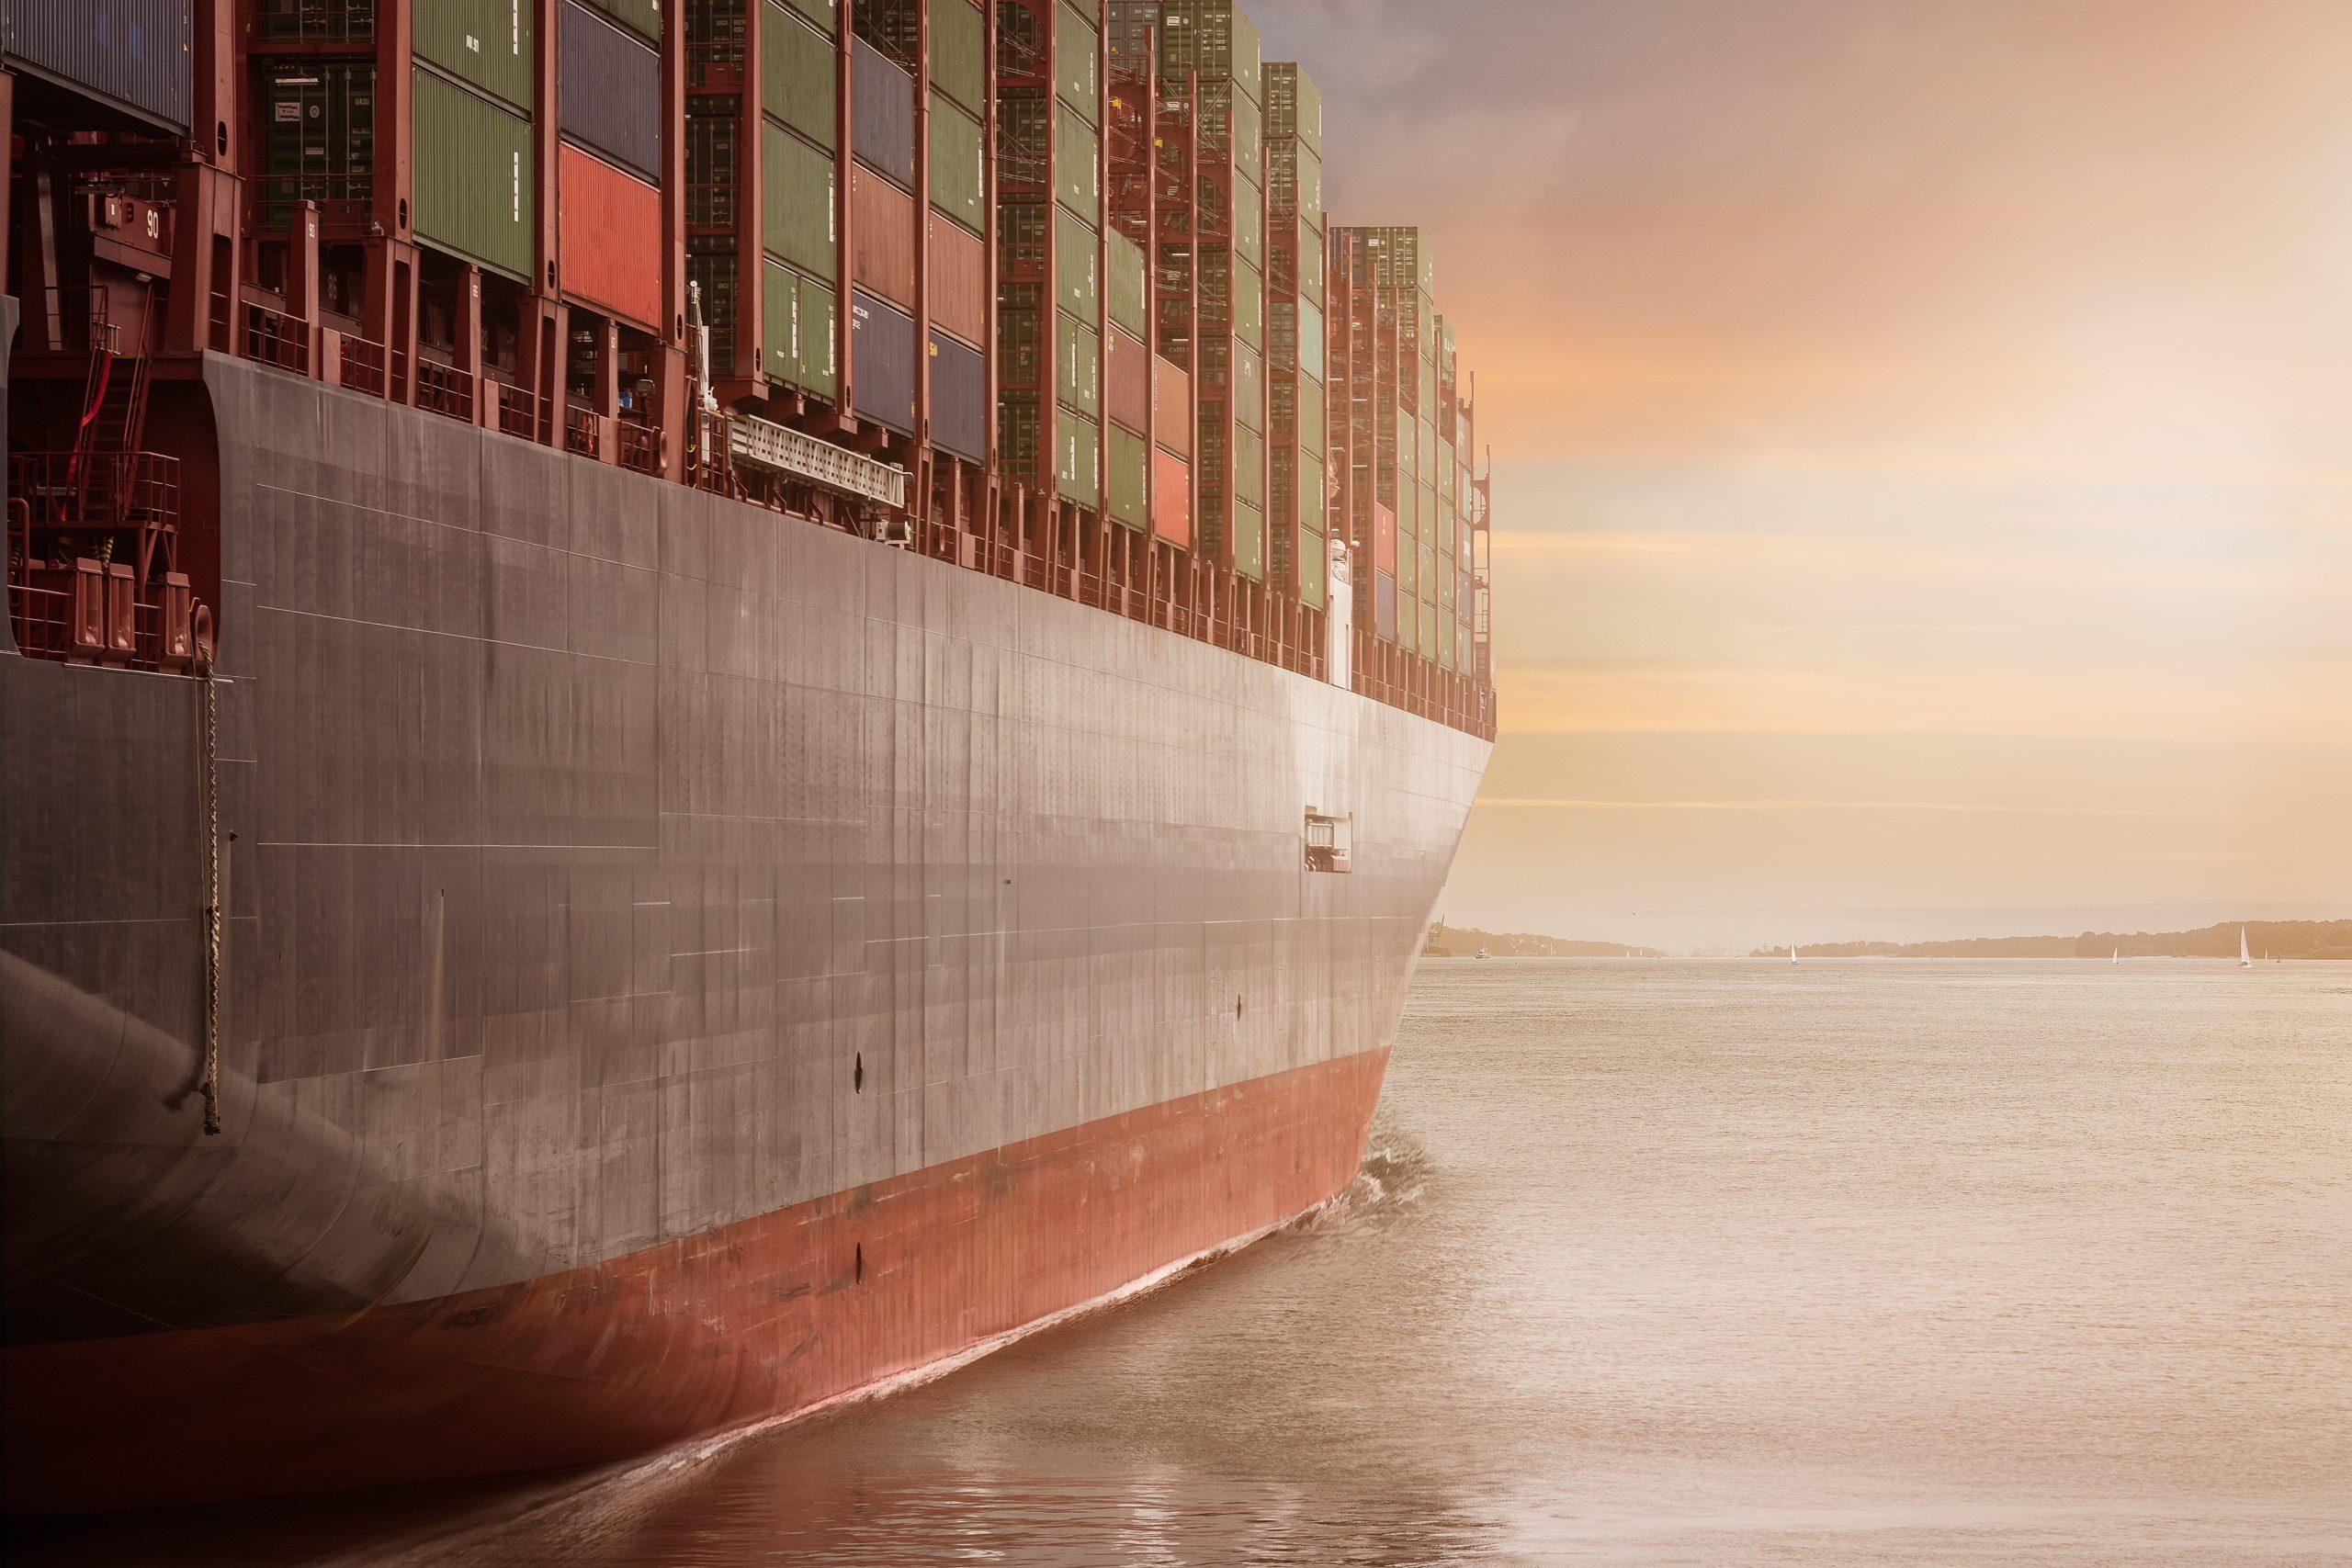 cargo ship sea freight